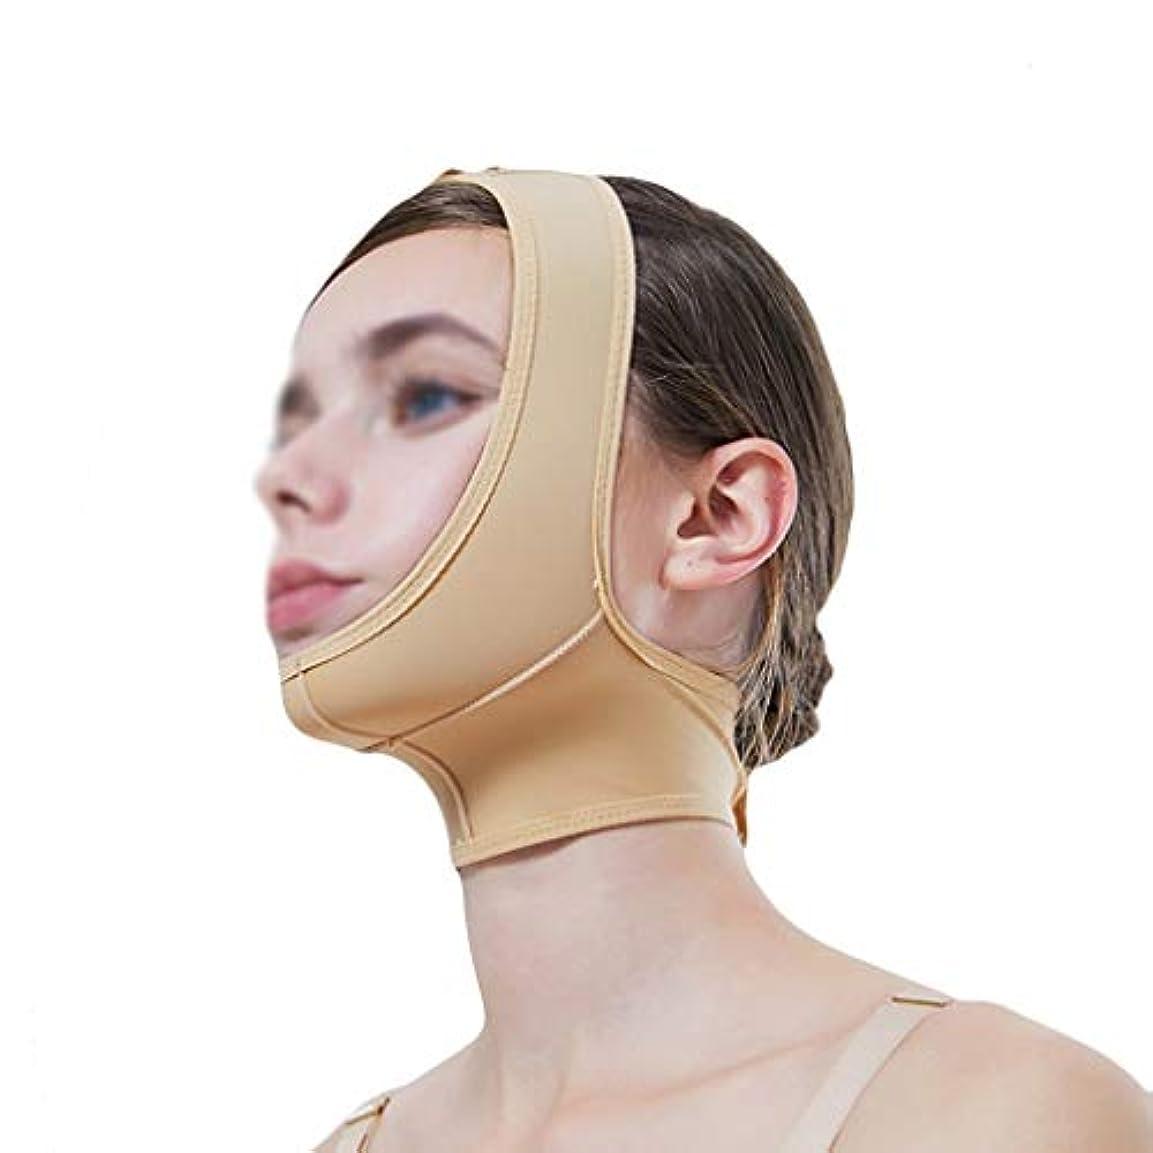 ドック国旗中にXHLMRMJ マスク、超薄型ベルト、フェイスリフティングに適しています、フェイスリフティング、通気性包帯、チンリフティングベルト、超薄型ベルト、通気性 (Size : S)